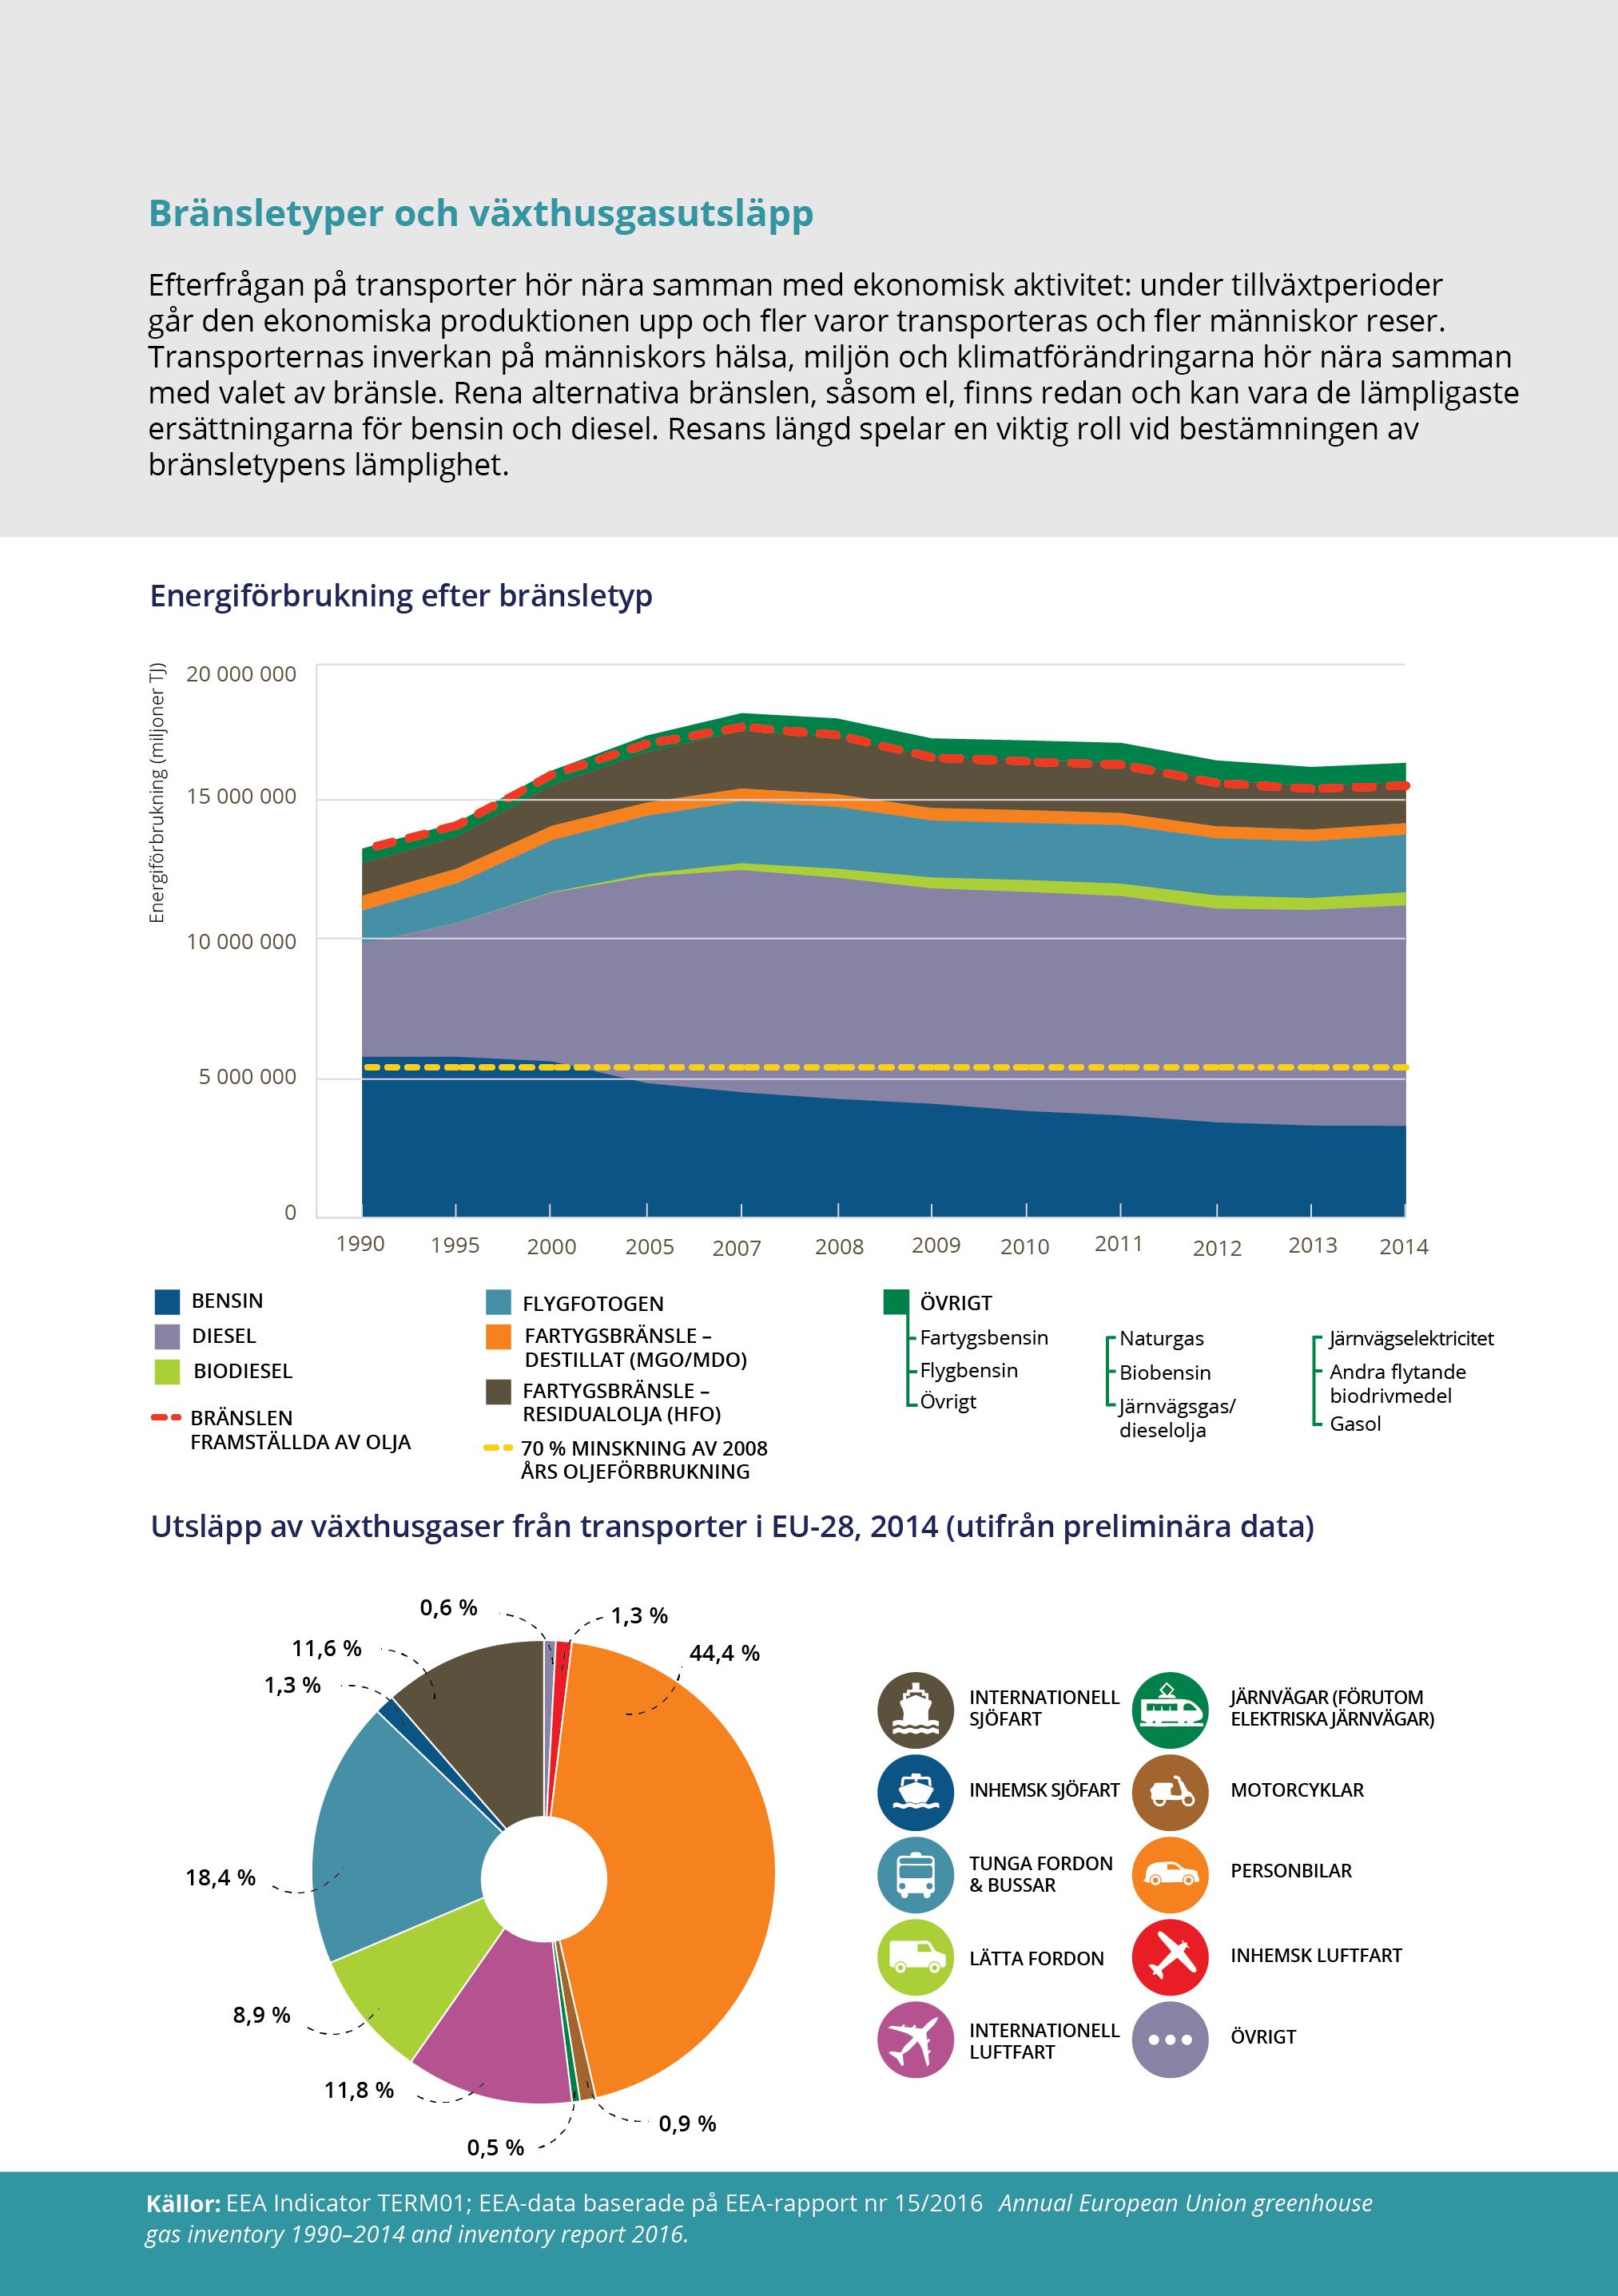 Bränsletyper och växthusgasutsläpp